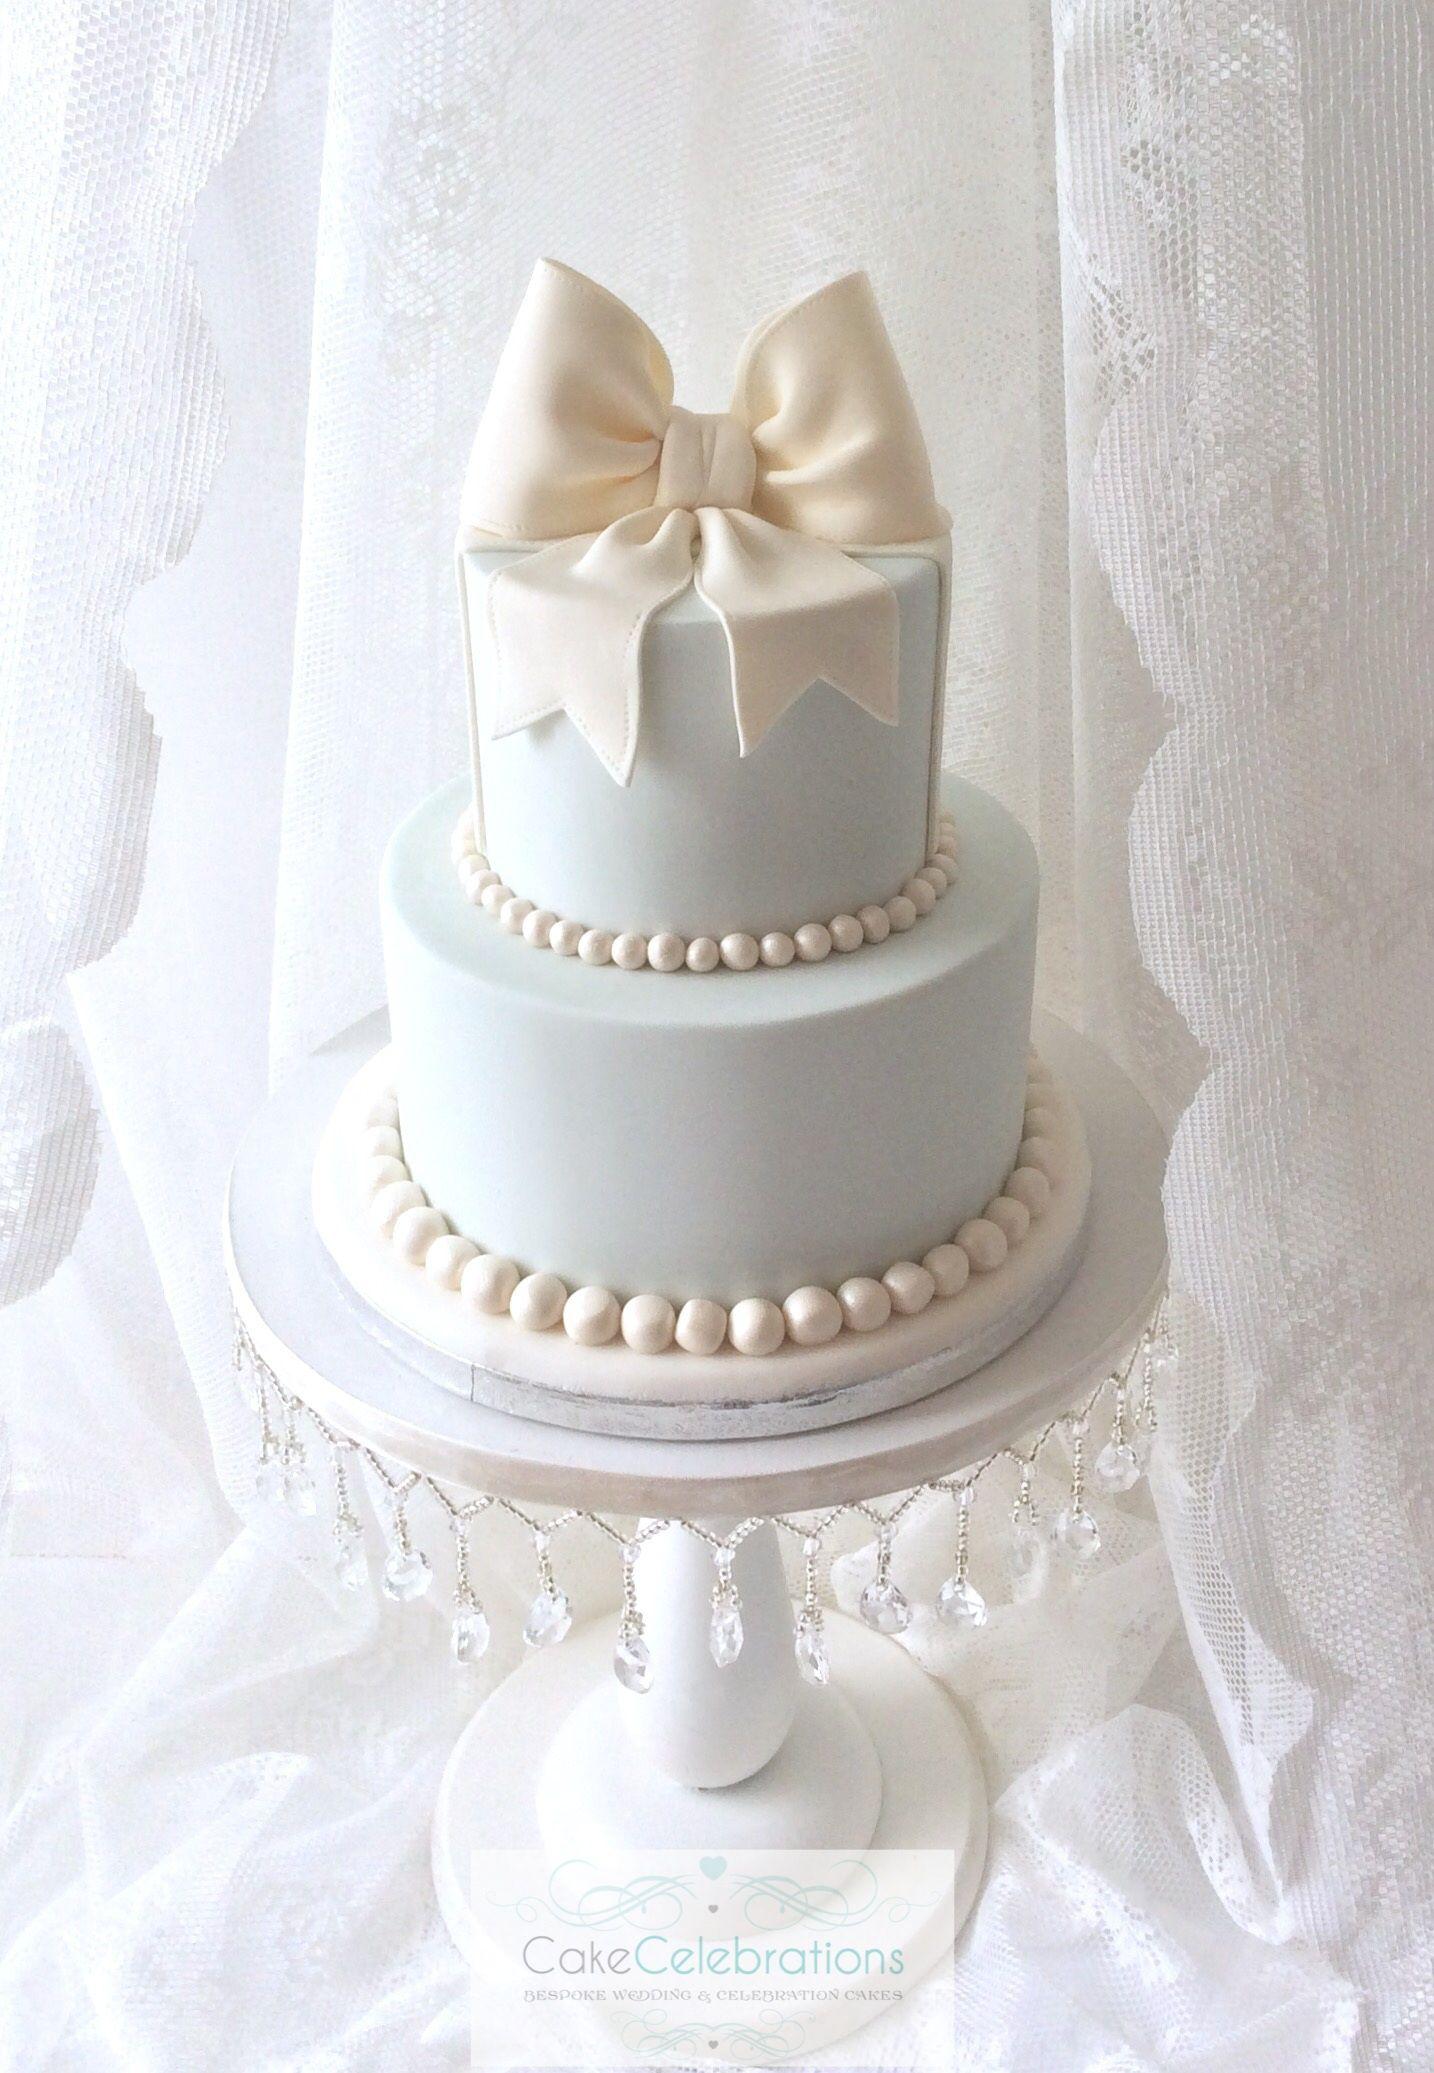 Fantastic Celebration Wedding Cakes Frieze - Wedding Idea 2018 ...